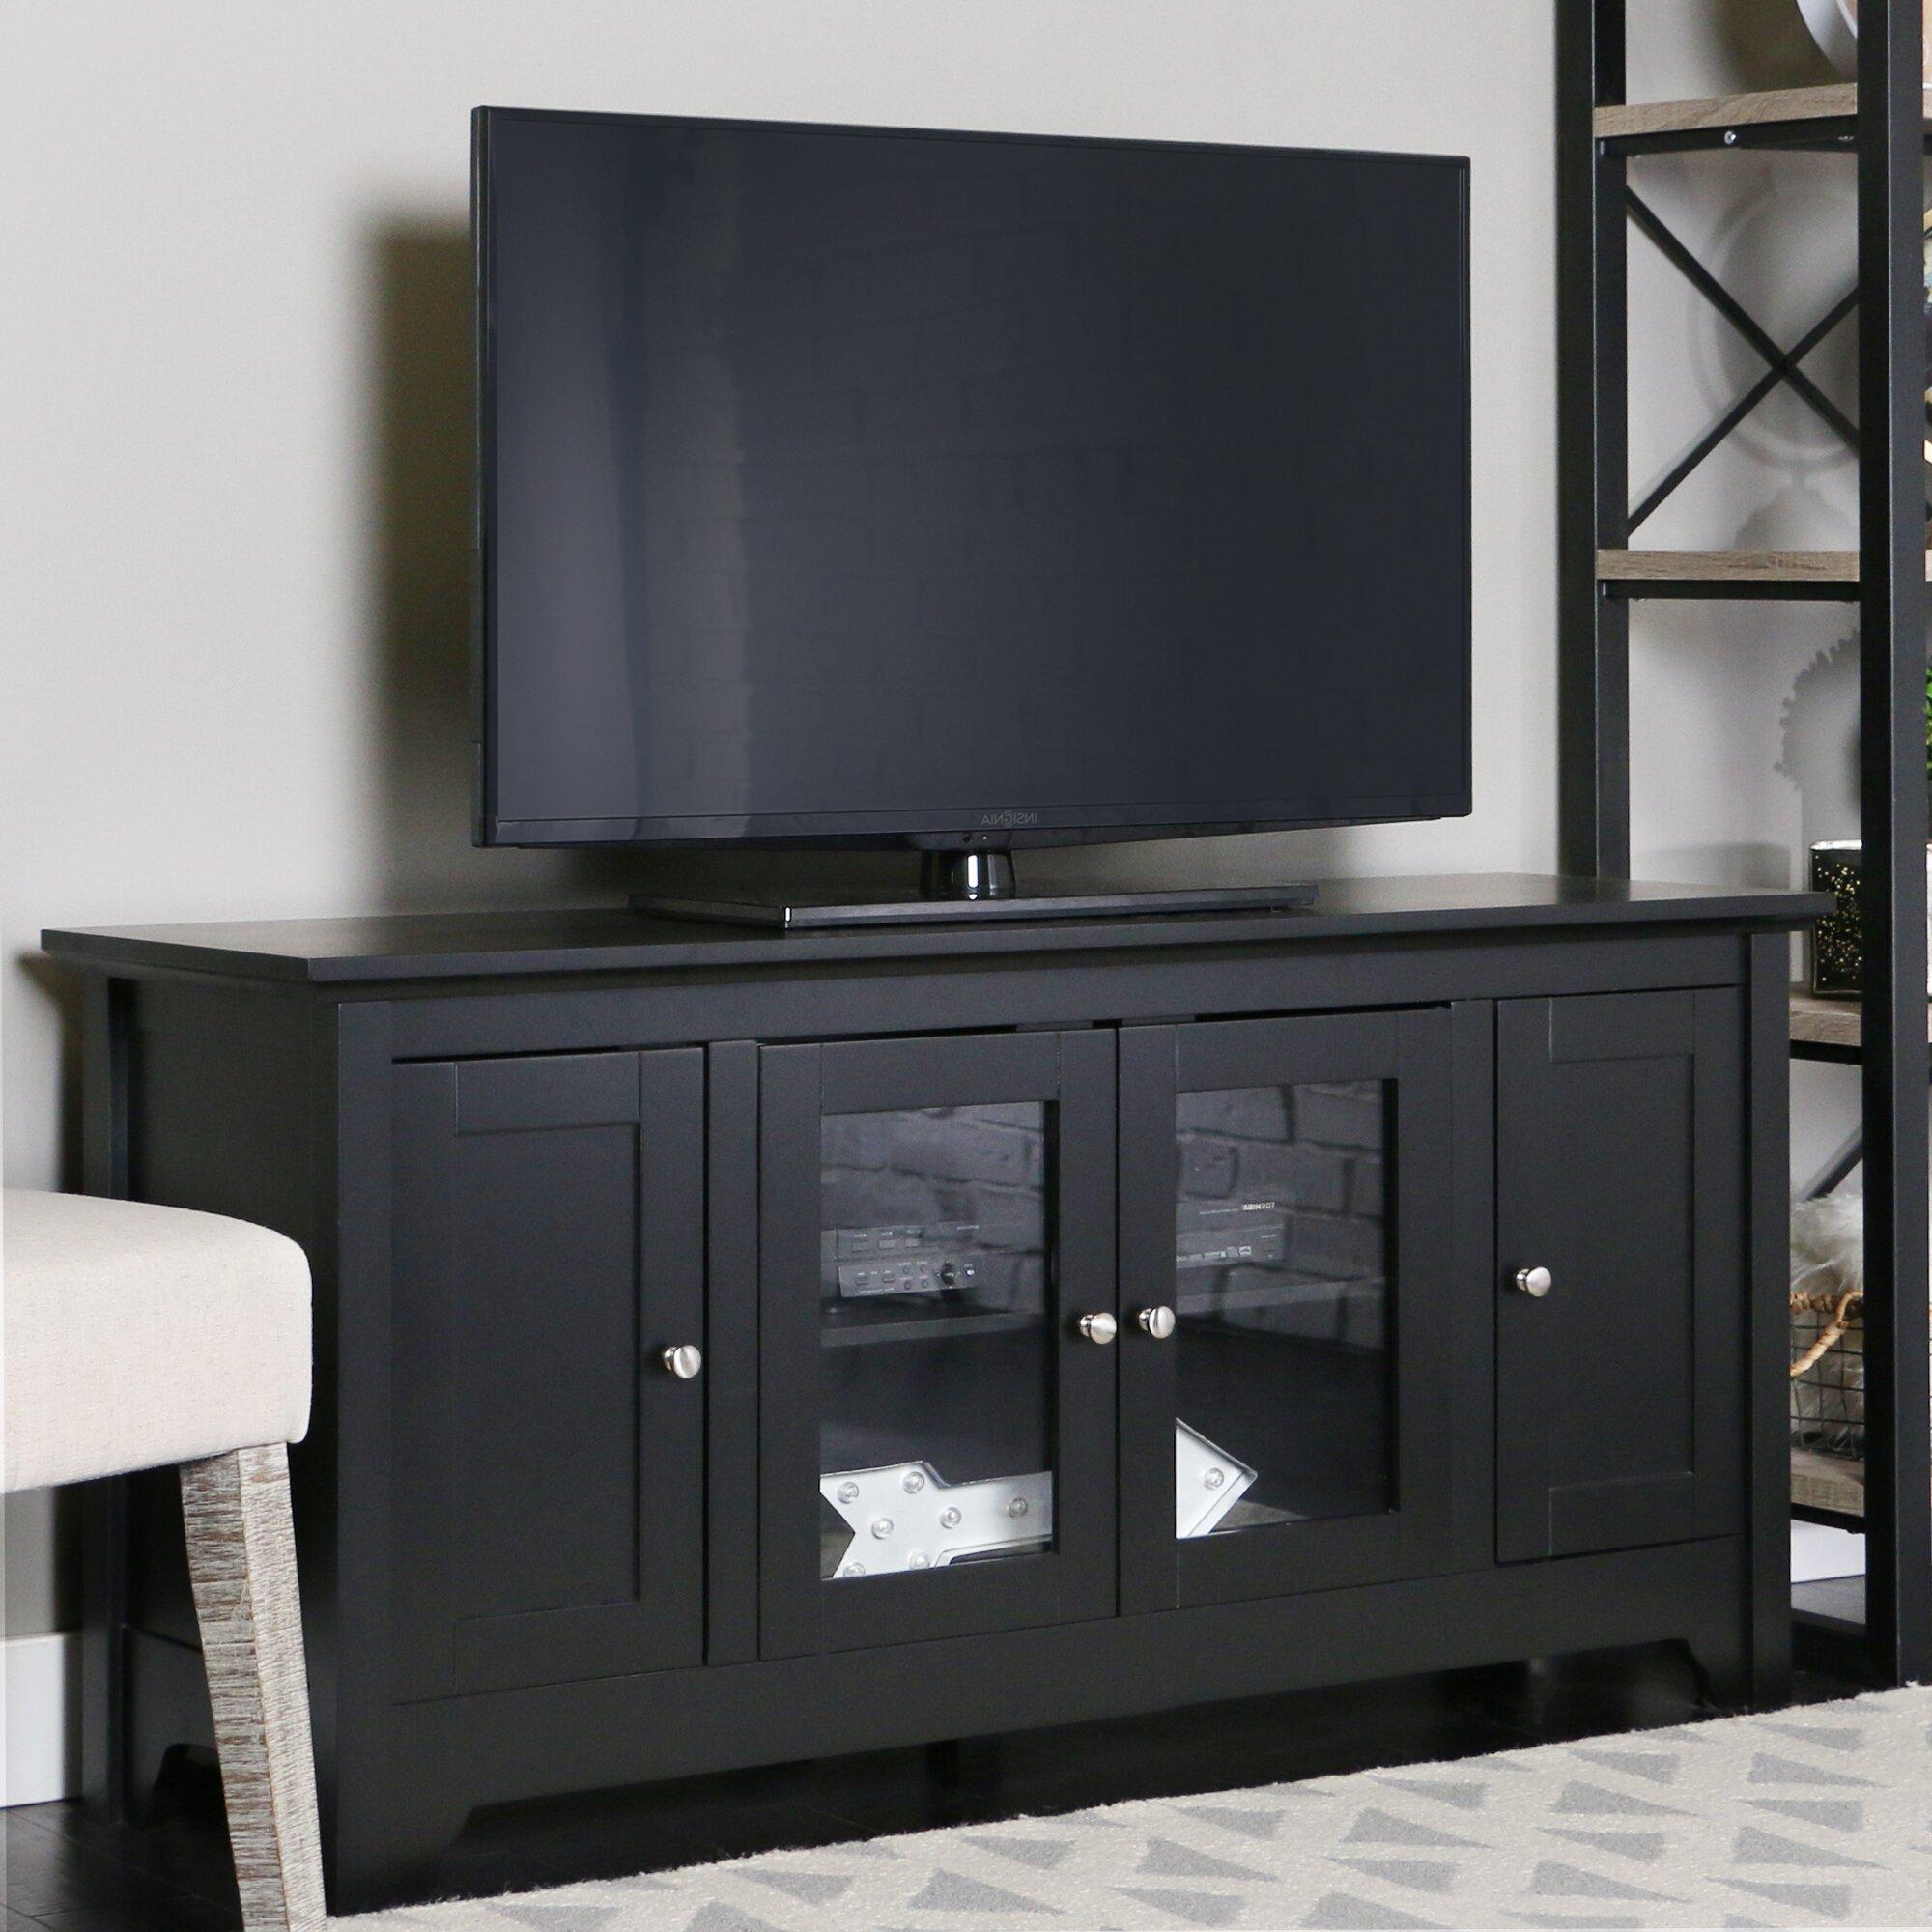 Tv Tables Hernan Tv Unit: Alcott Hill Clarissa TV Stand & Reviews